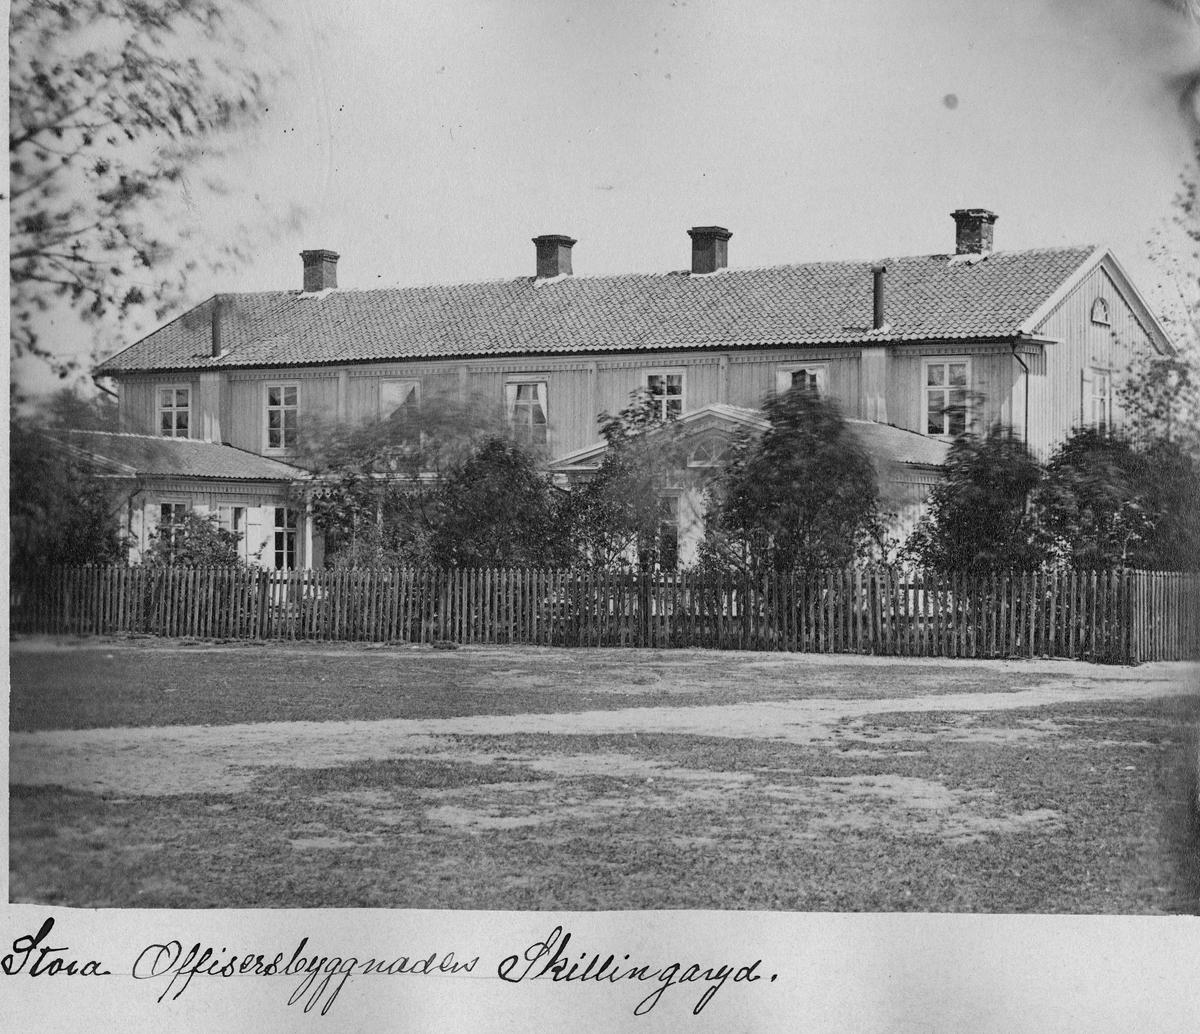 Stora officersbyggnaden i Skillingaryd.